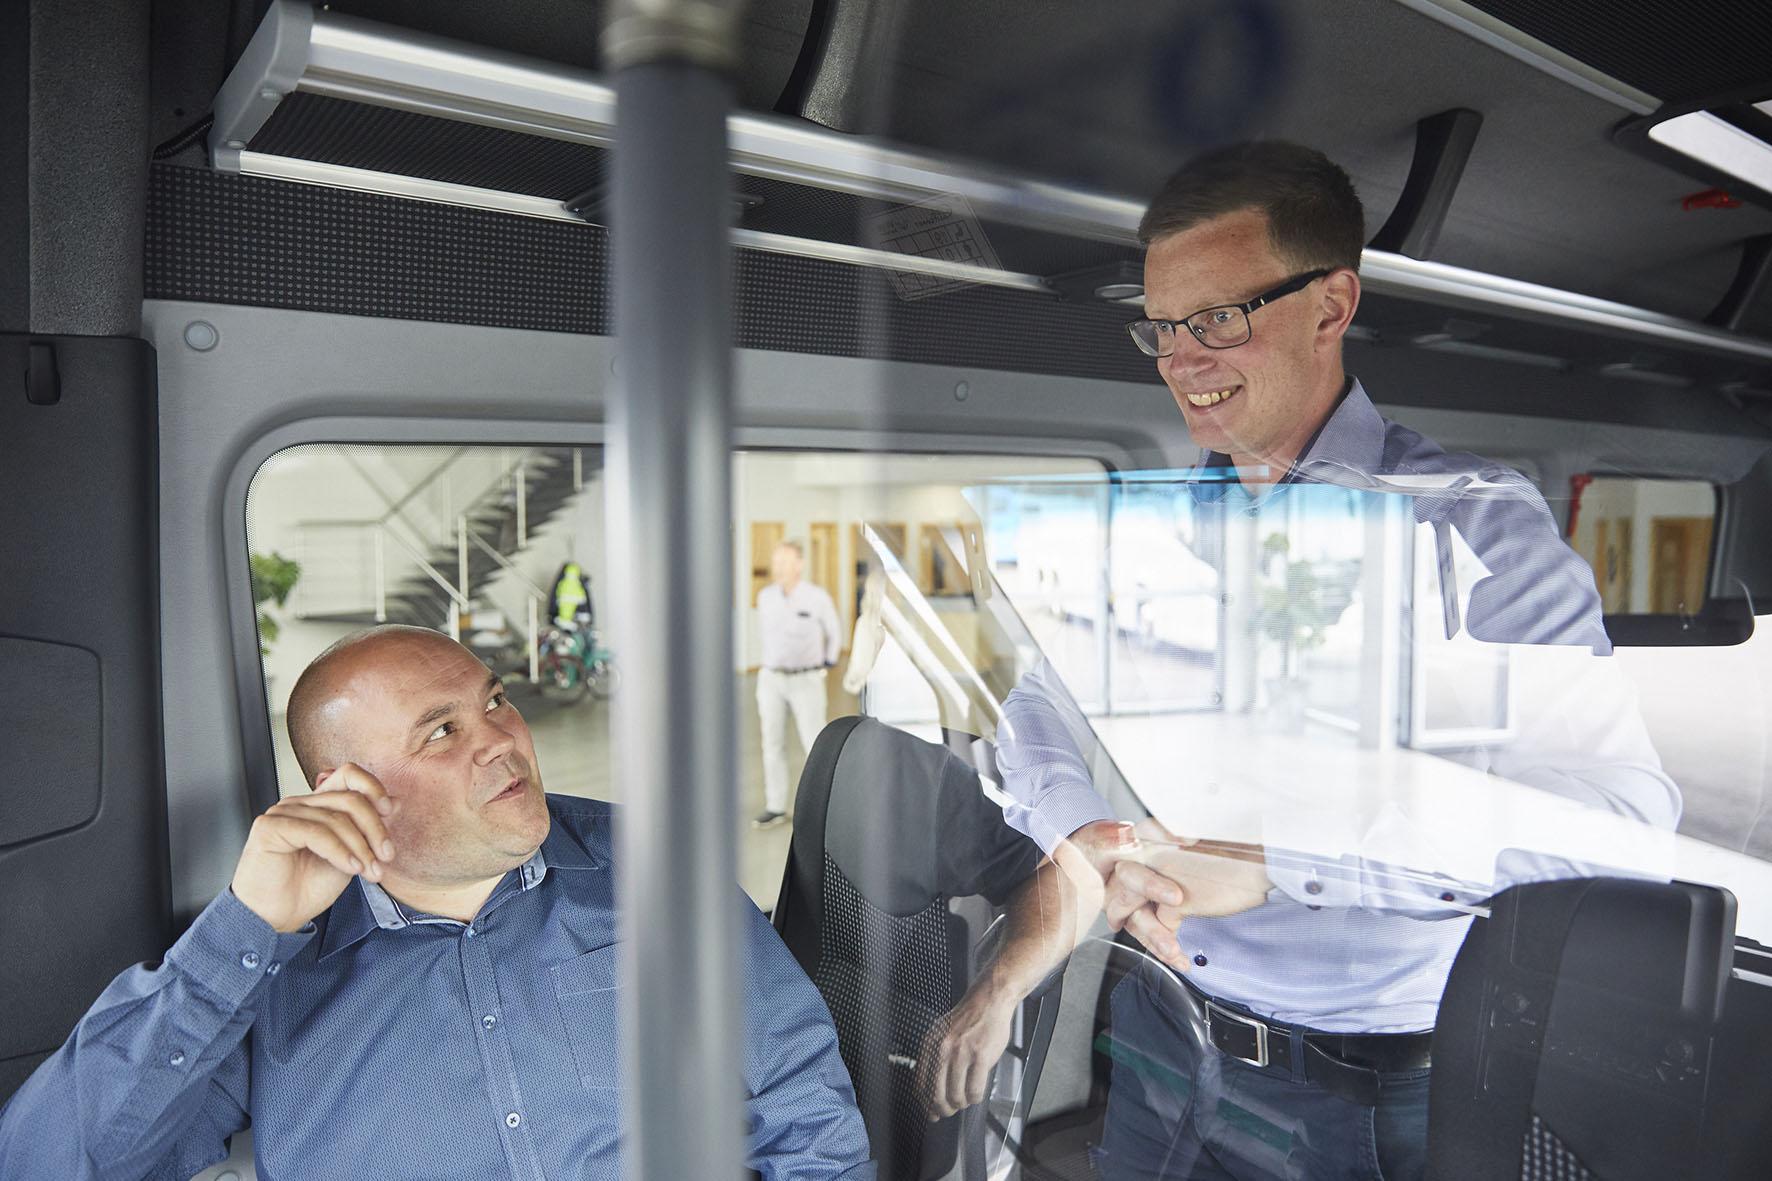 två-män-pratar-glatt-i-buss